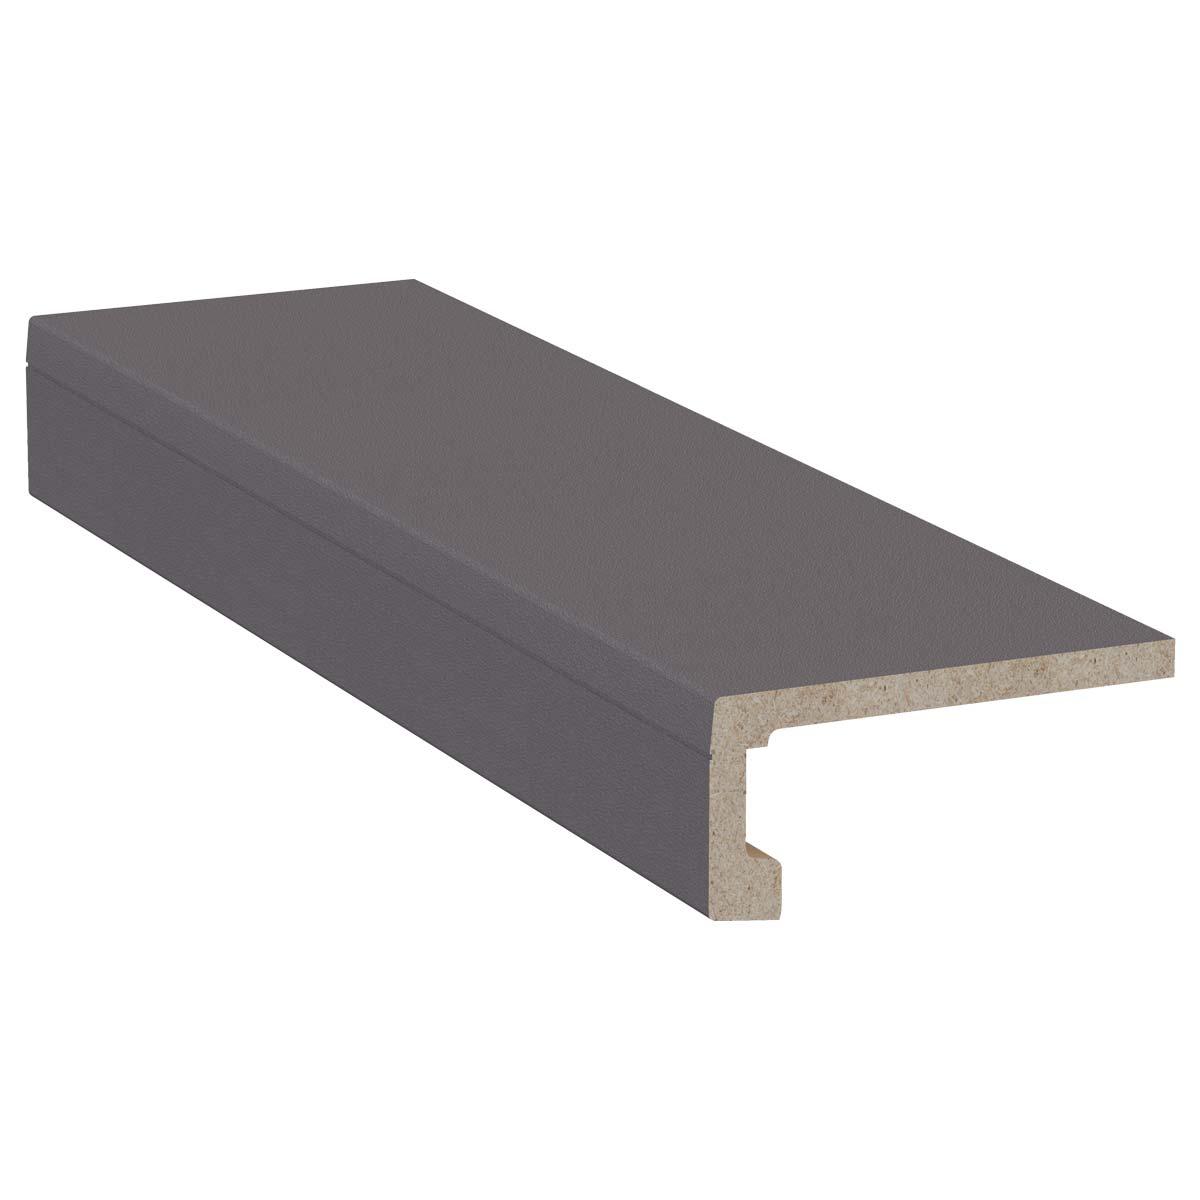 exclusiv system 100 420 - https://www.werzalit.com/es/producto/exclusiv-system-repisa-interior-de-la-ventana-600cm/